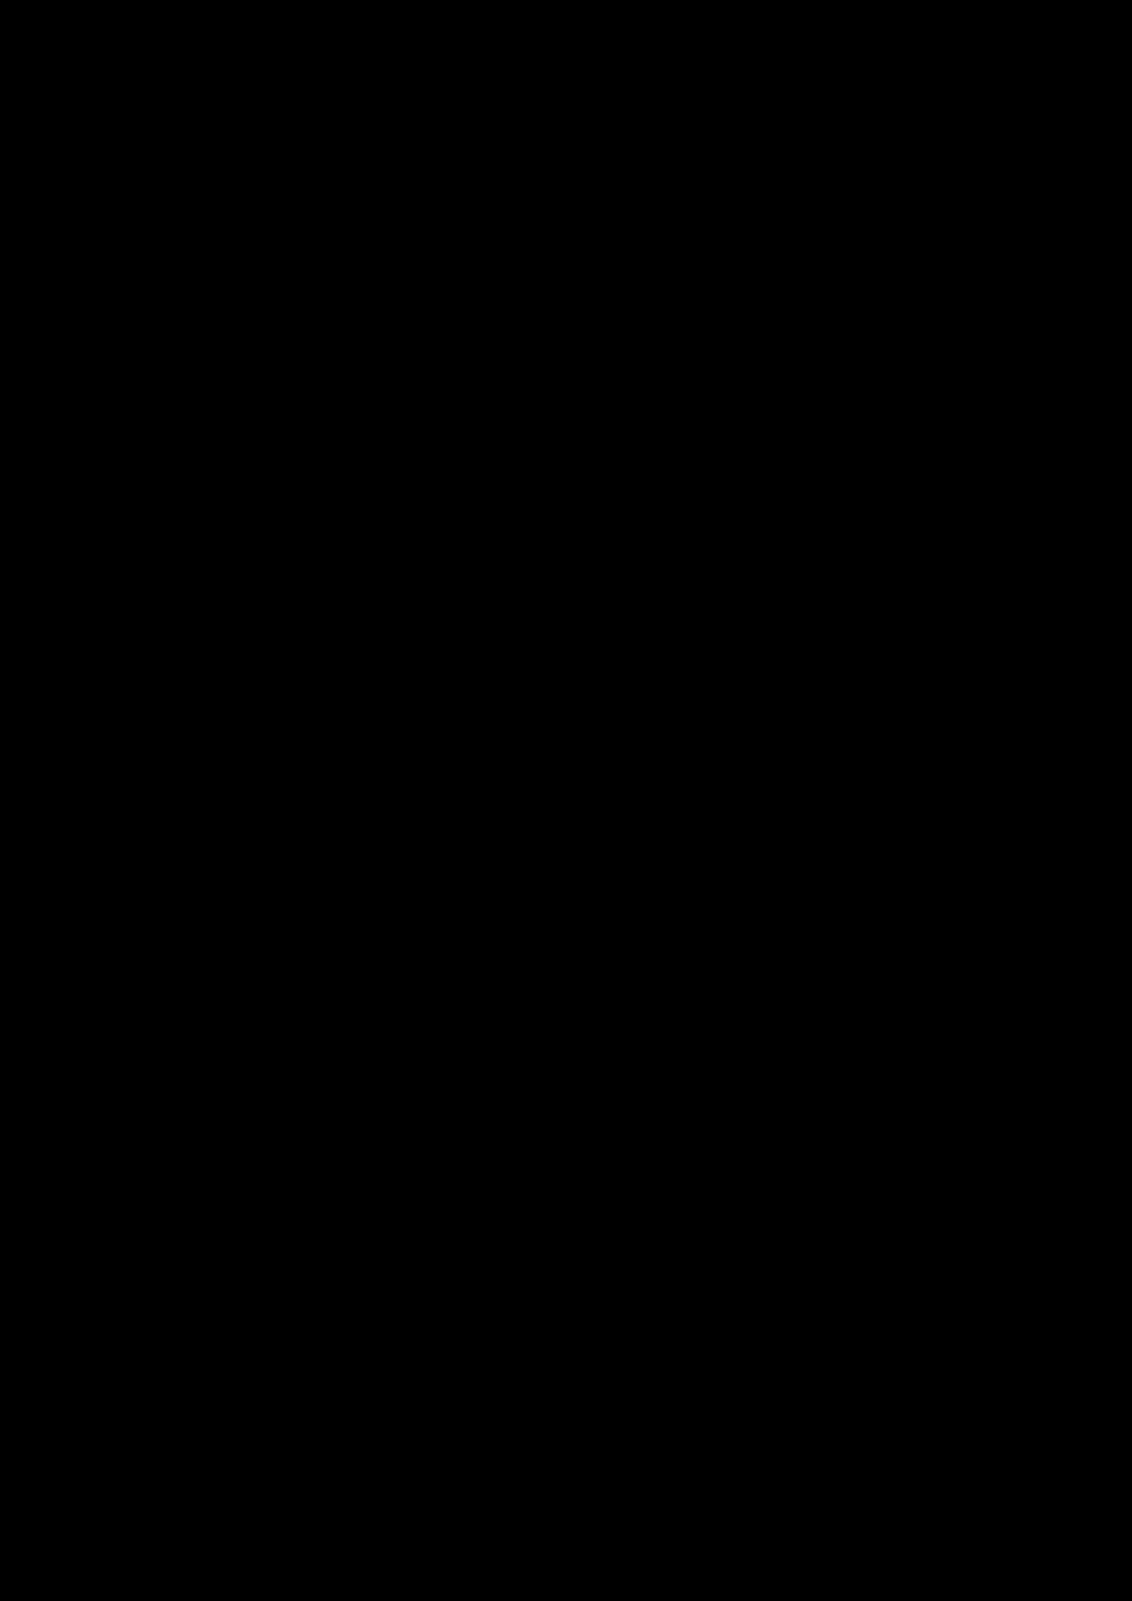 Vyibor Est slide, Image 47